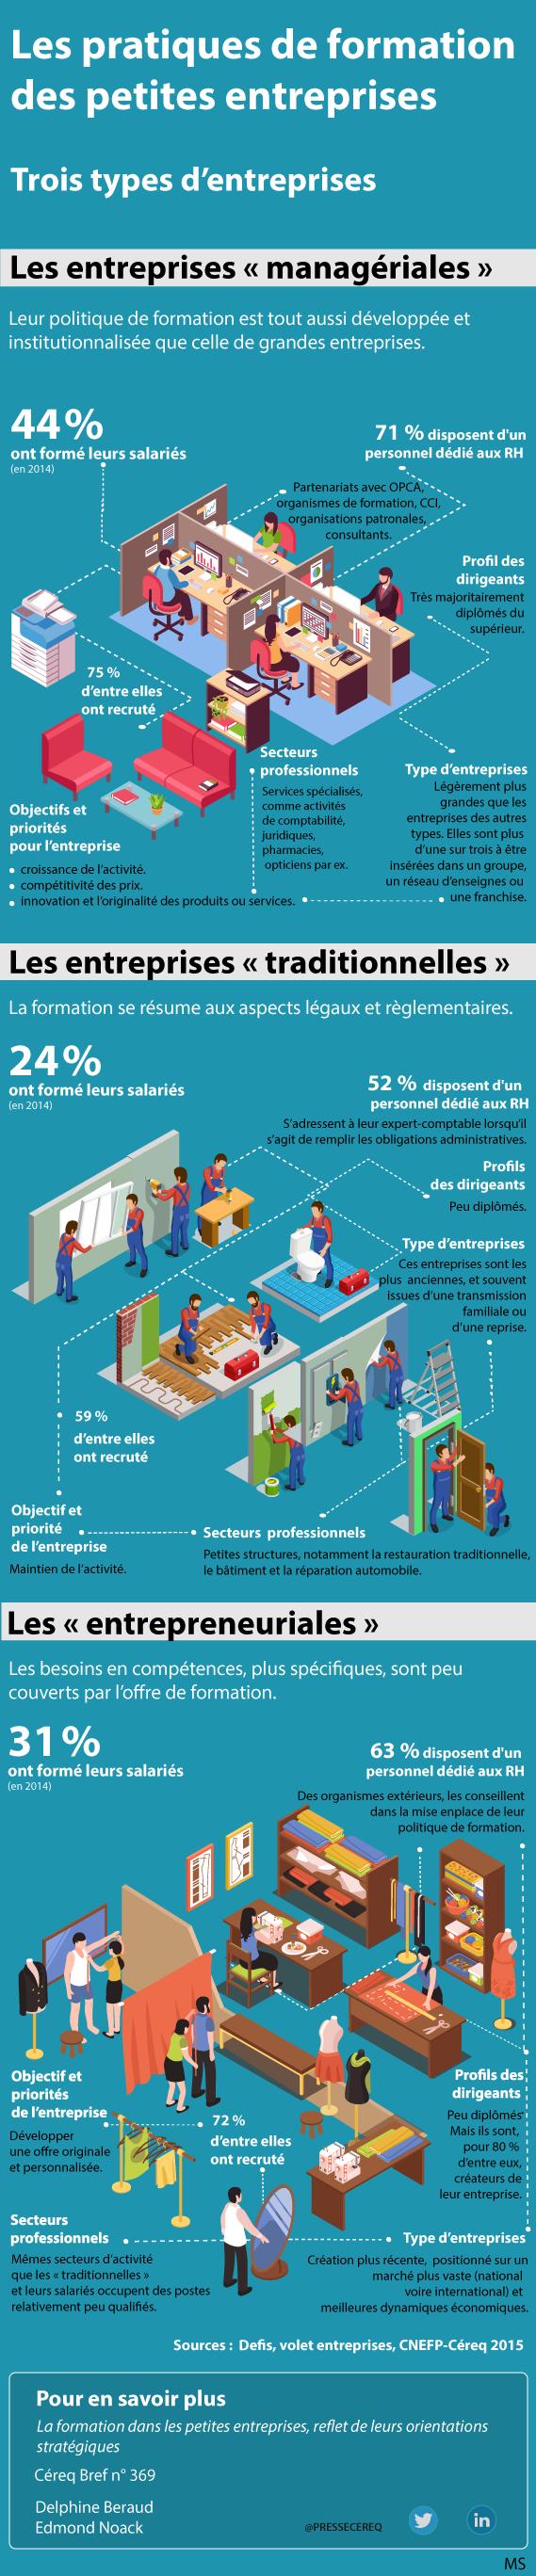 infographie Céreq formation dans les petites entreprises